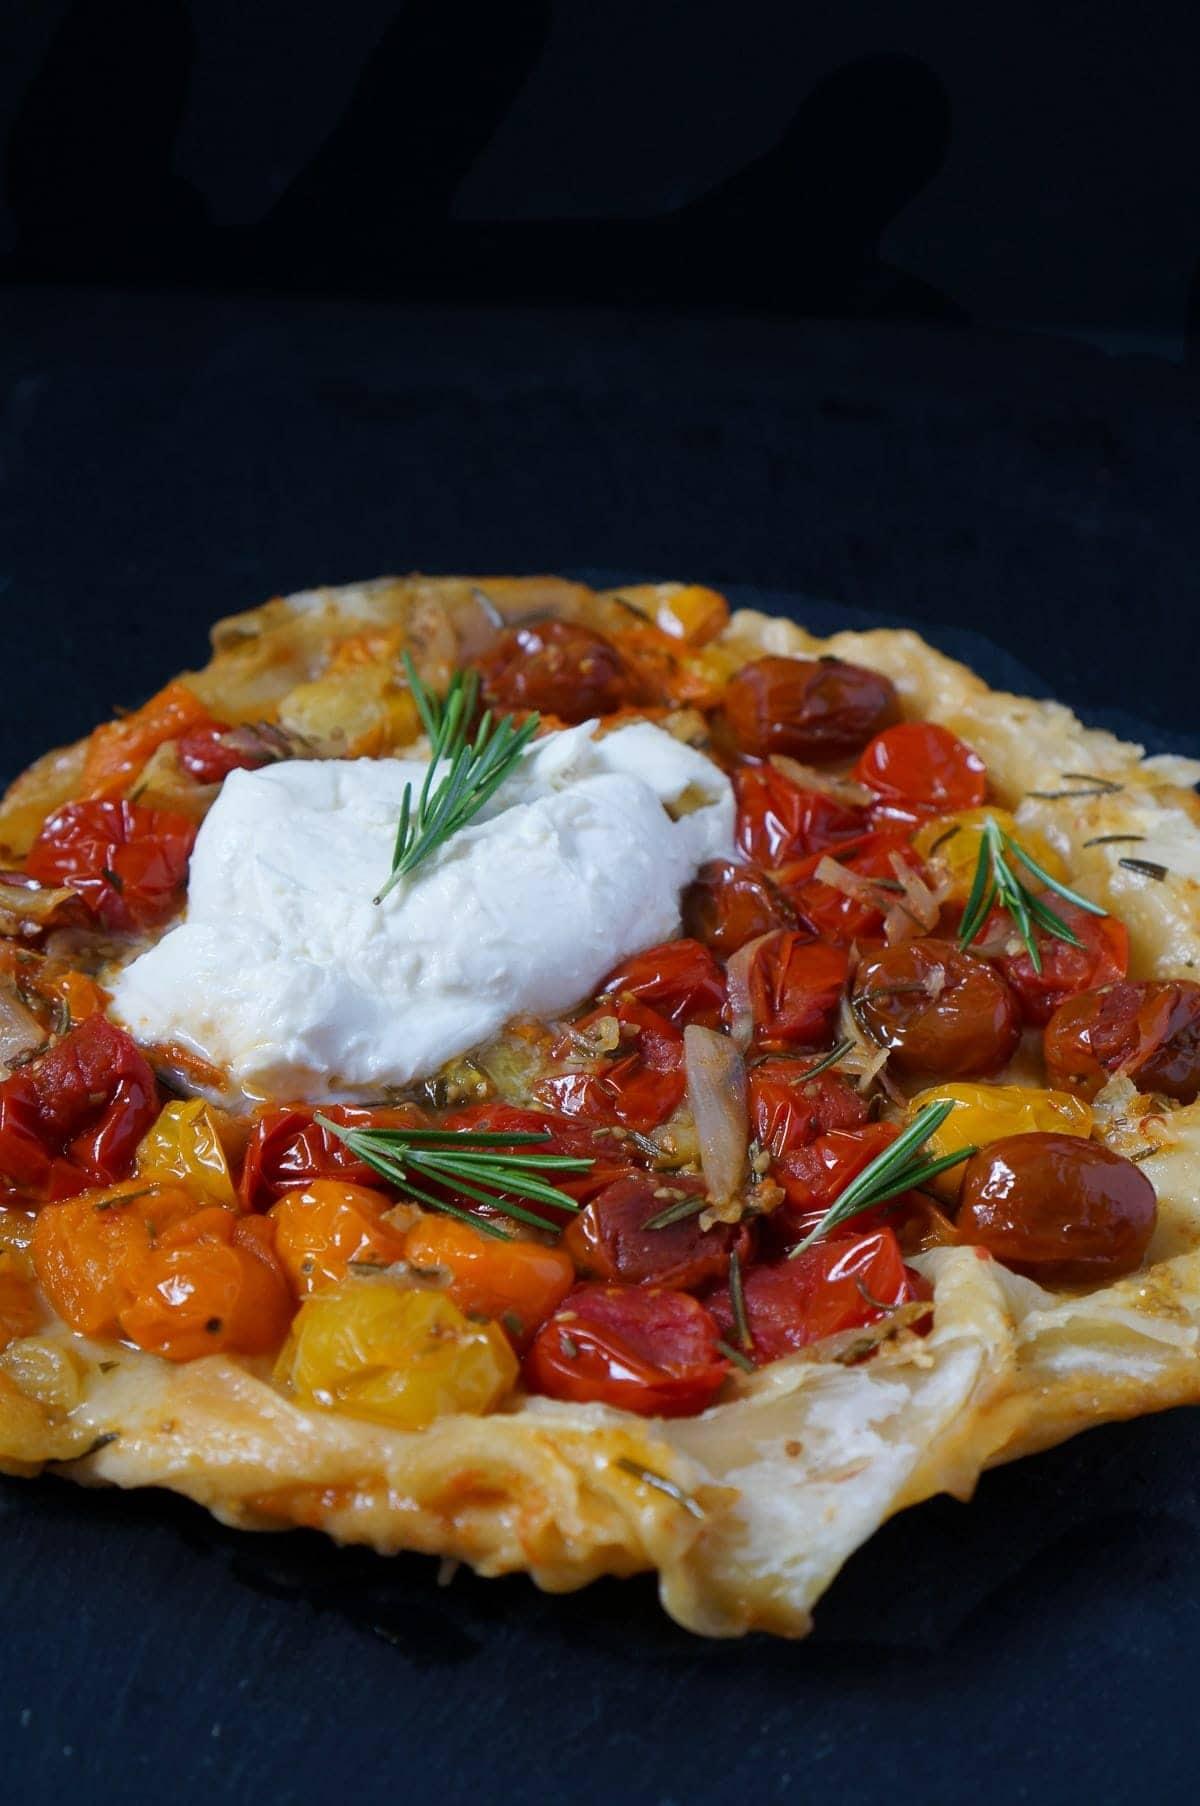 Line macht Blätterteig-Tomaten-Tarte mit Rosmarin und Mozzarella   Line kocht   Was is hier eigentlich los?